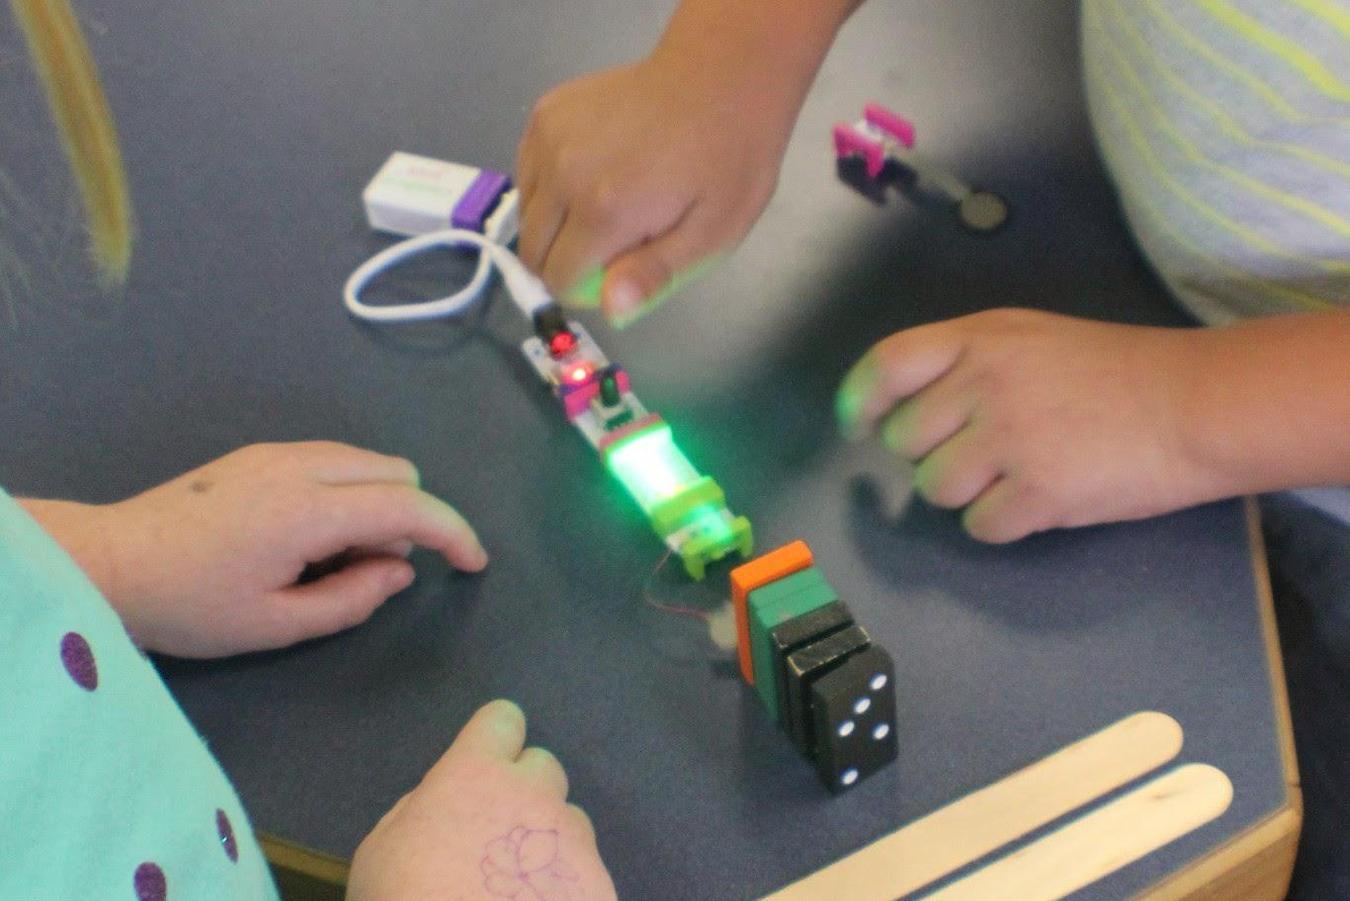 STEM experiment making lights